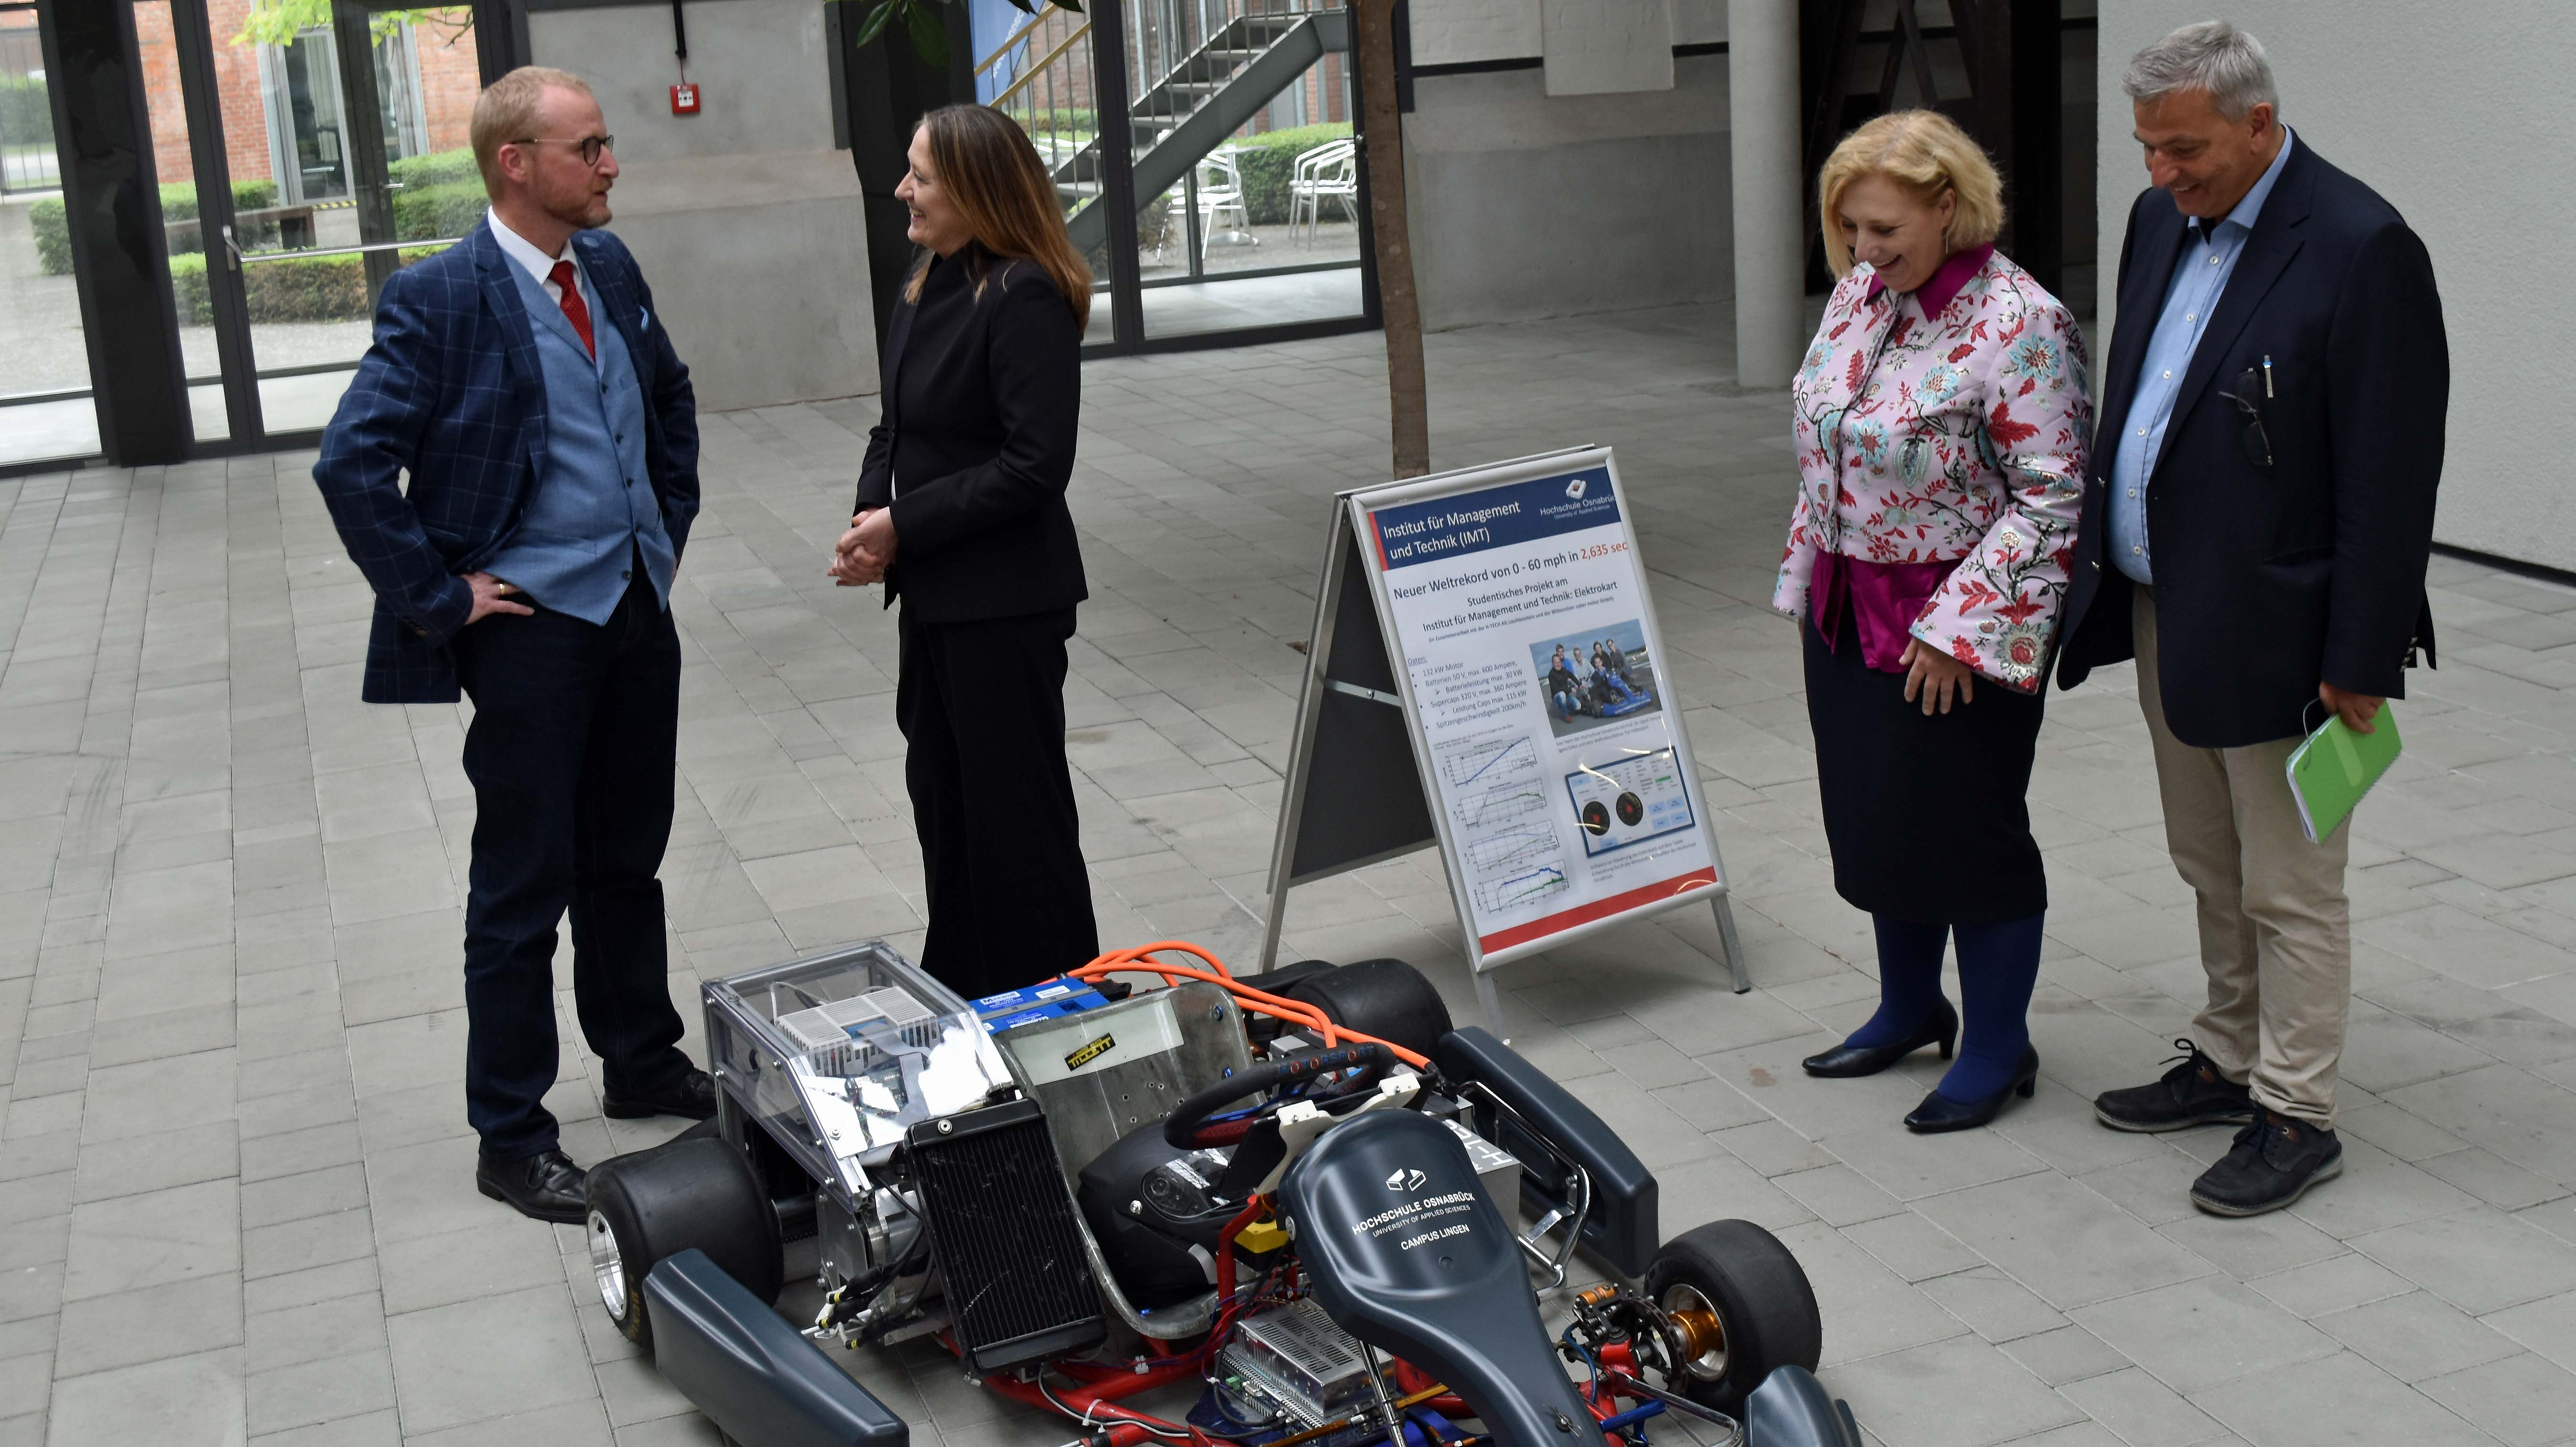 Dr. Gabriele Andretta und Dr. Daniela De Ridder lassen sich das E-Kart vorführen